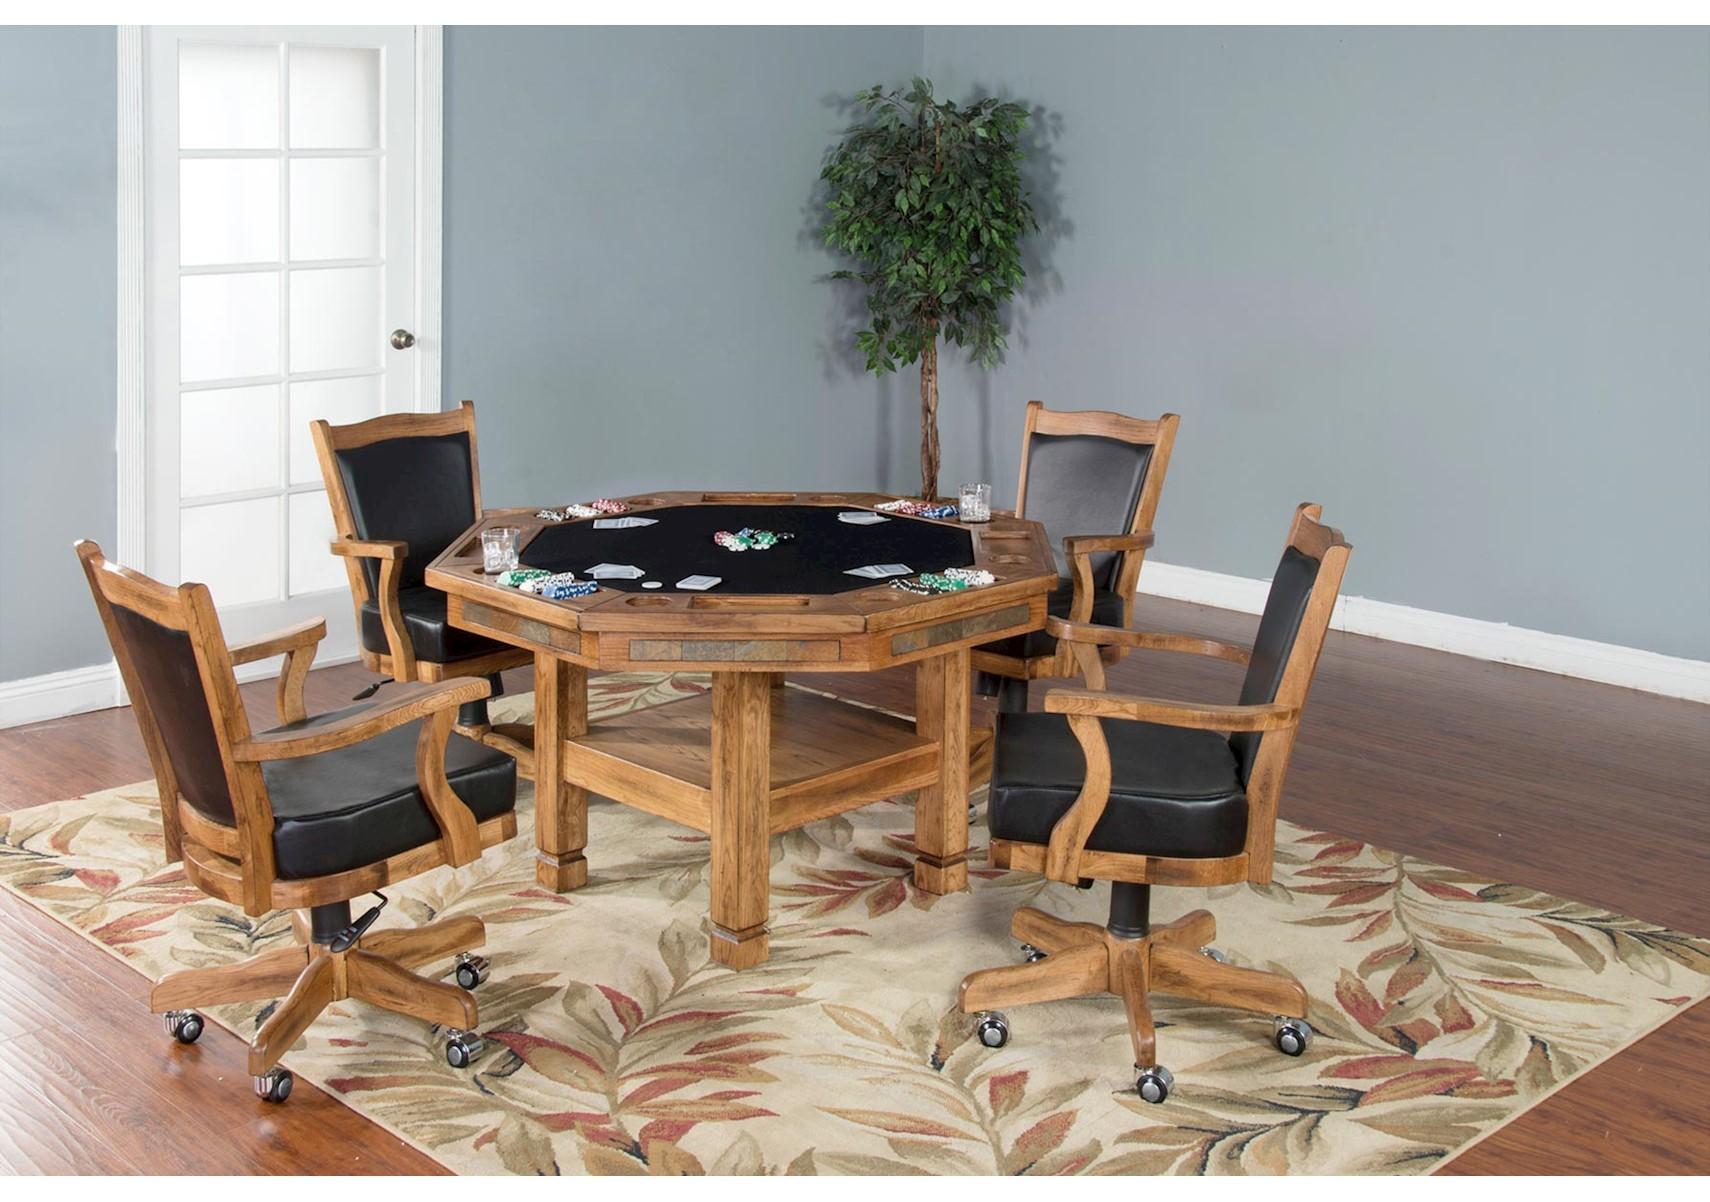 Lacks   Santa Fe 5 Pc Game Table Set Rustic Brown